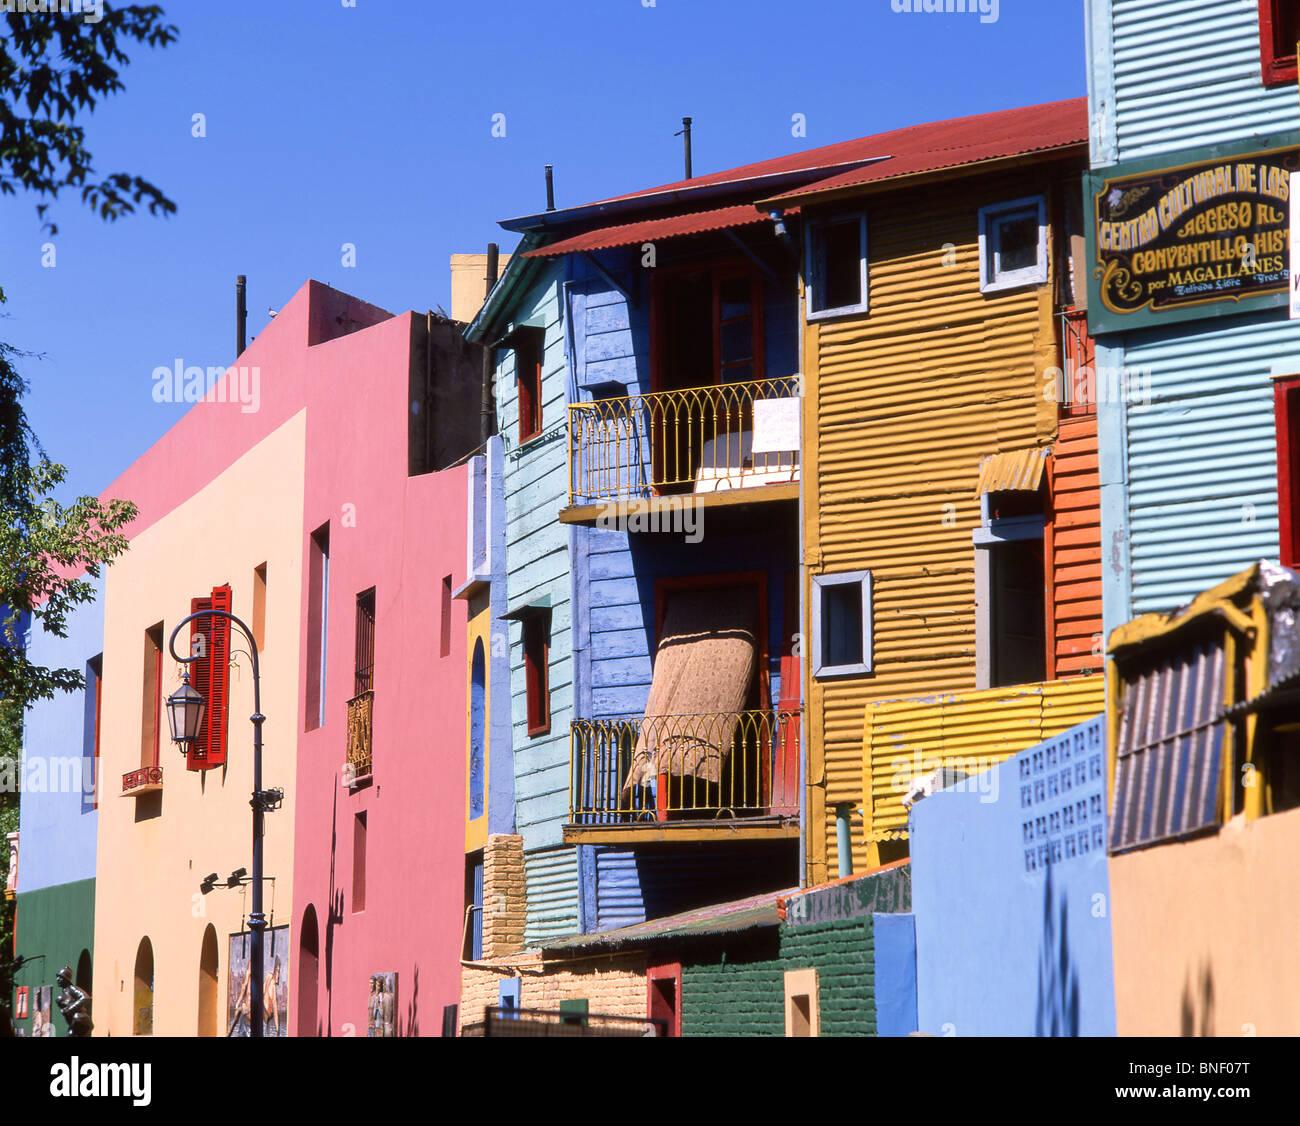 Edificios de color pastel, la calle Caminito, La Boca, Buenos Aires, Argentina Imagen De Stock